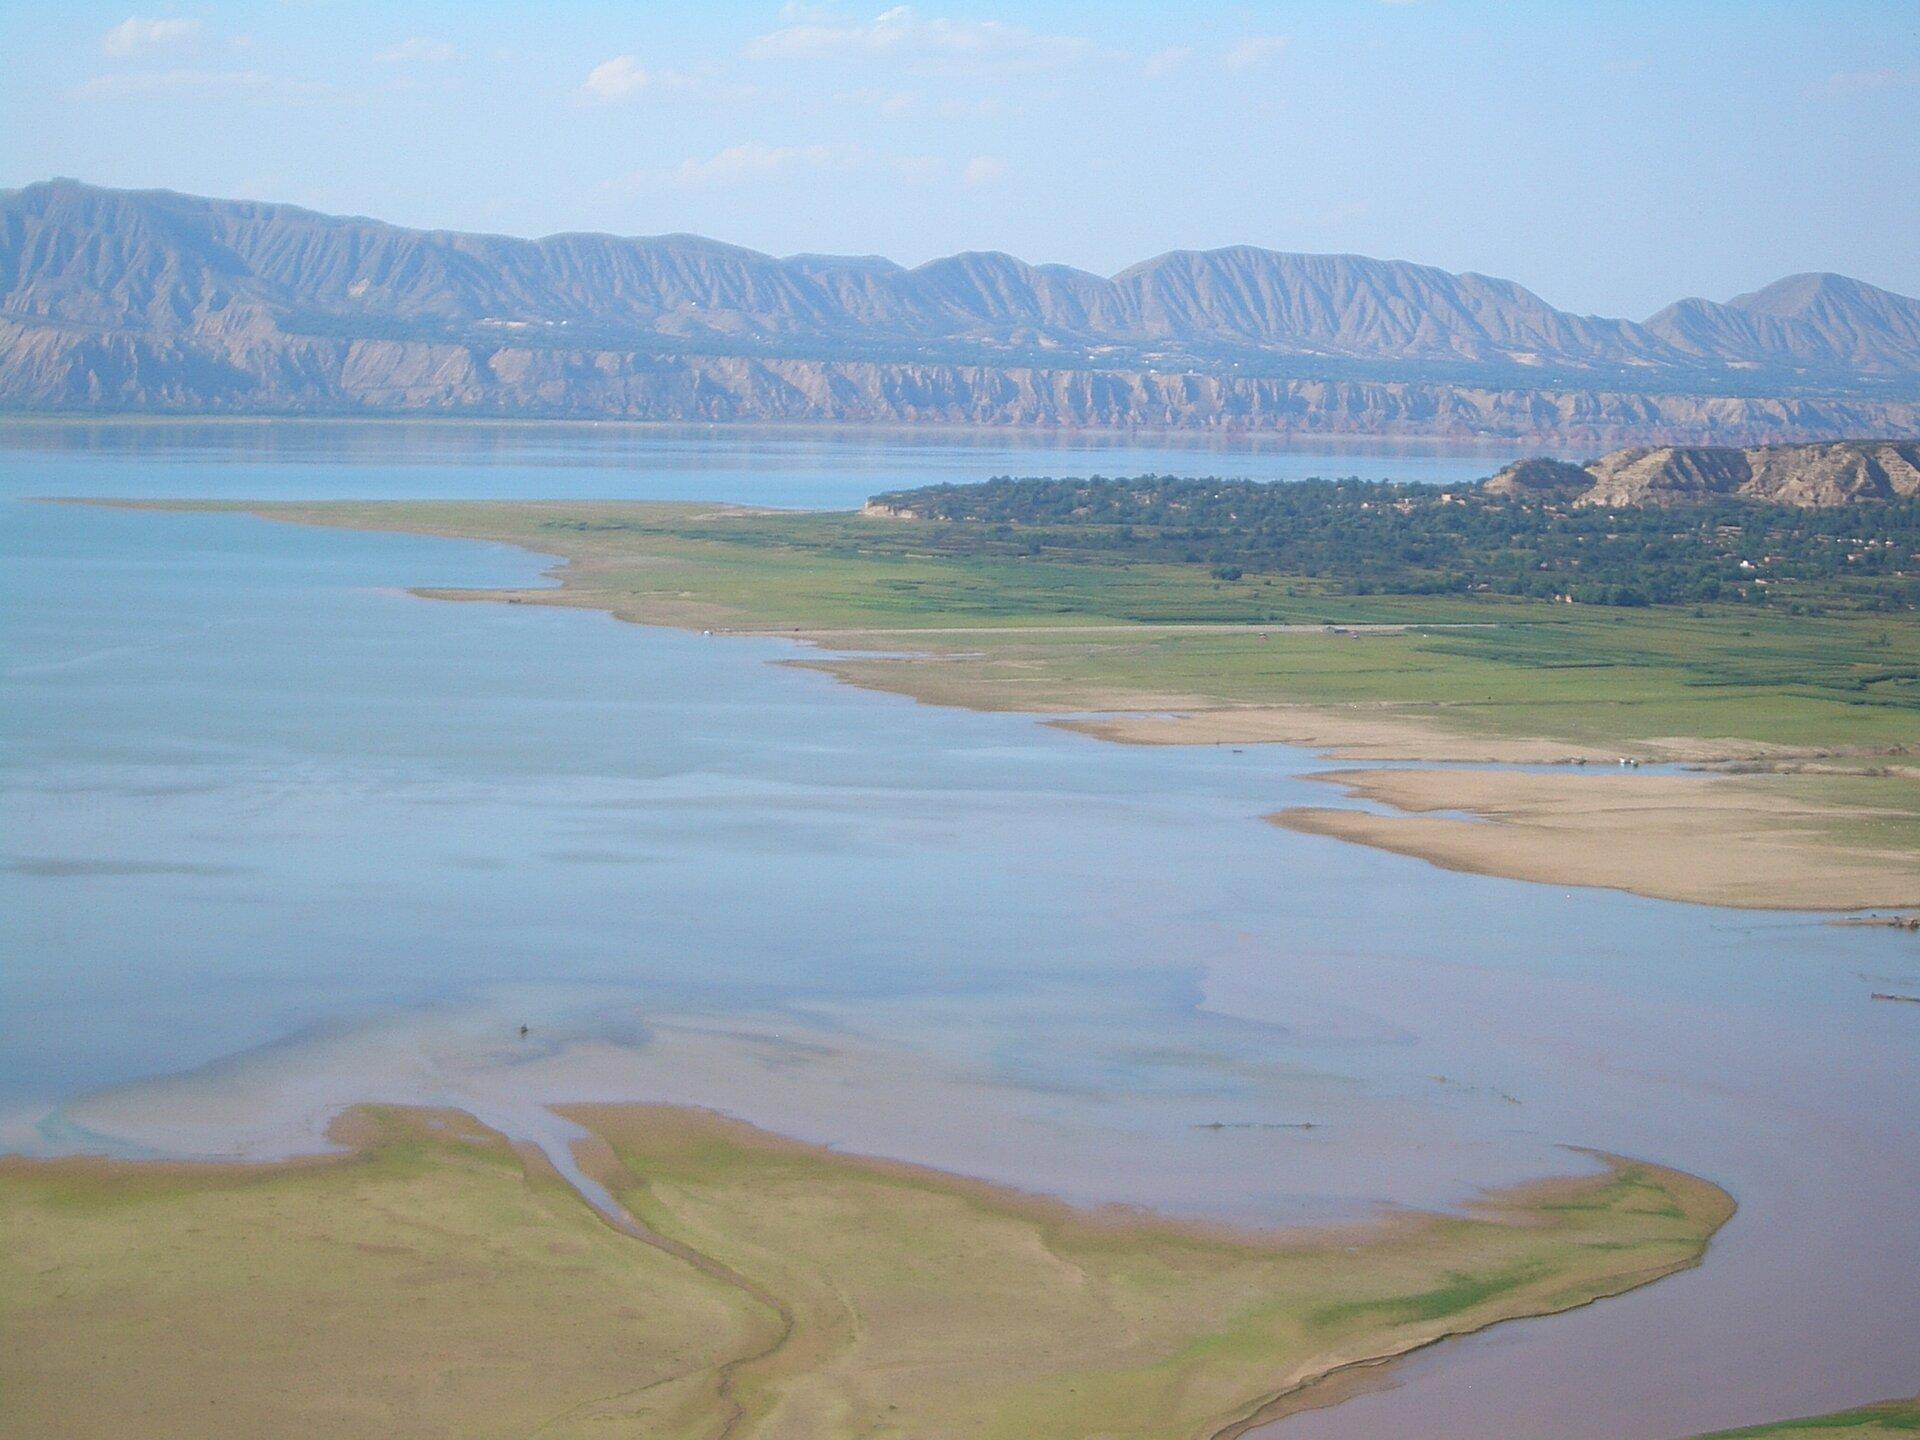 Na zdjęciu rozległa rzeka wszerokiej dolinie, przy brzegu osady. Wtle pasmo górskie pozbawione roślinności.